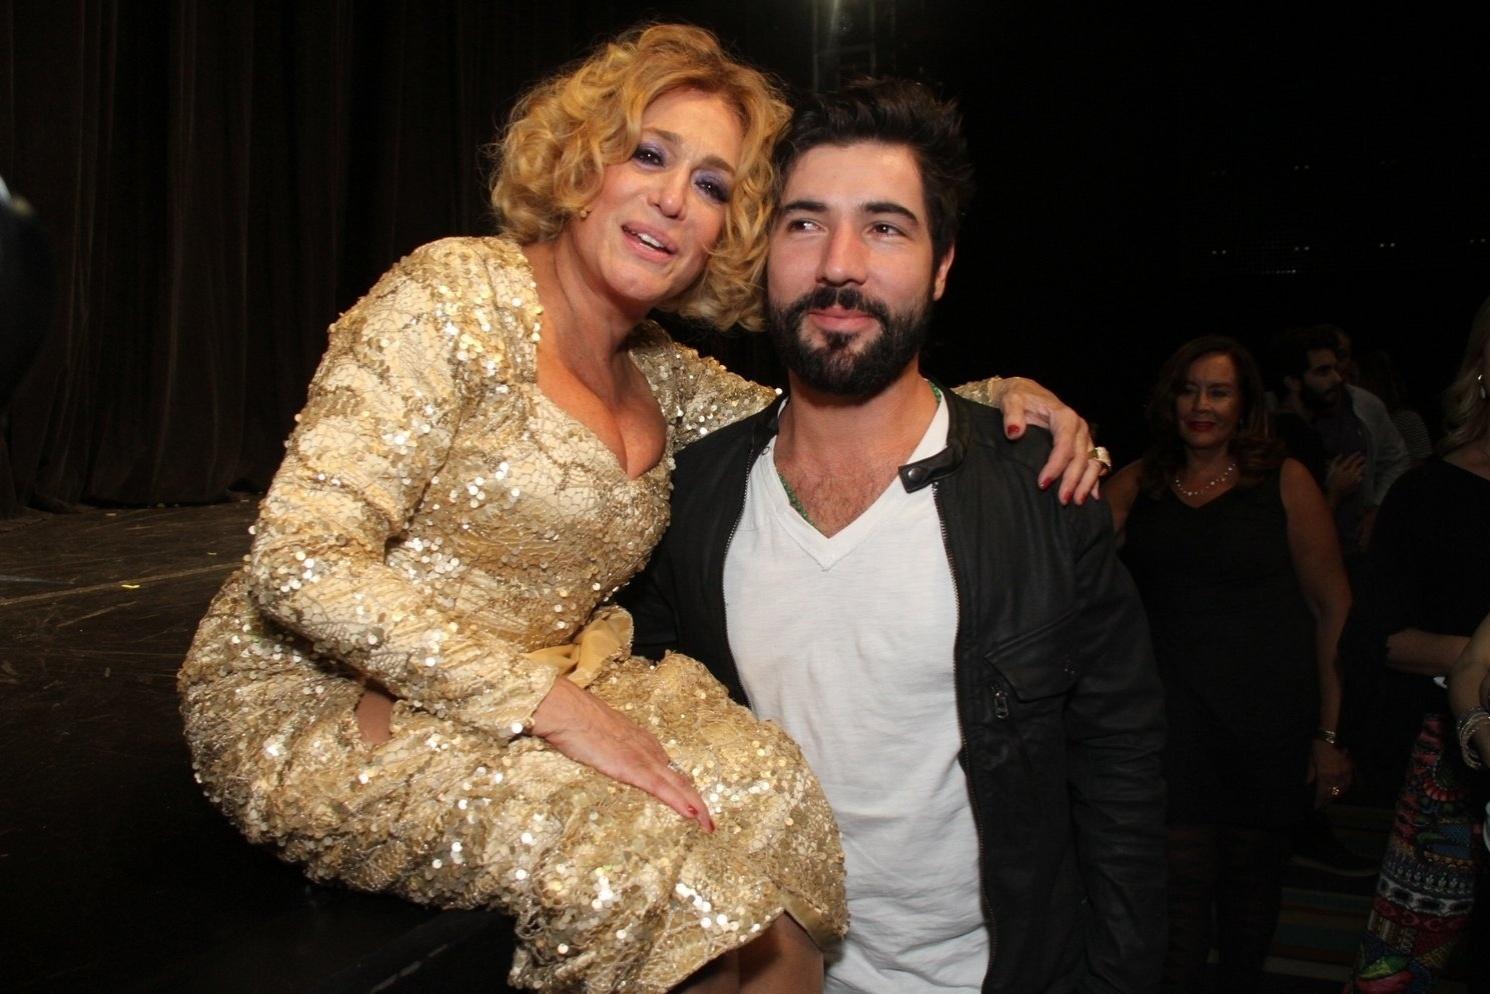 31.mar.2015 - Susana Vieira posa com o namorado Sandro Pedroso após a estreia da peça